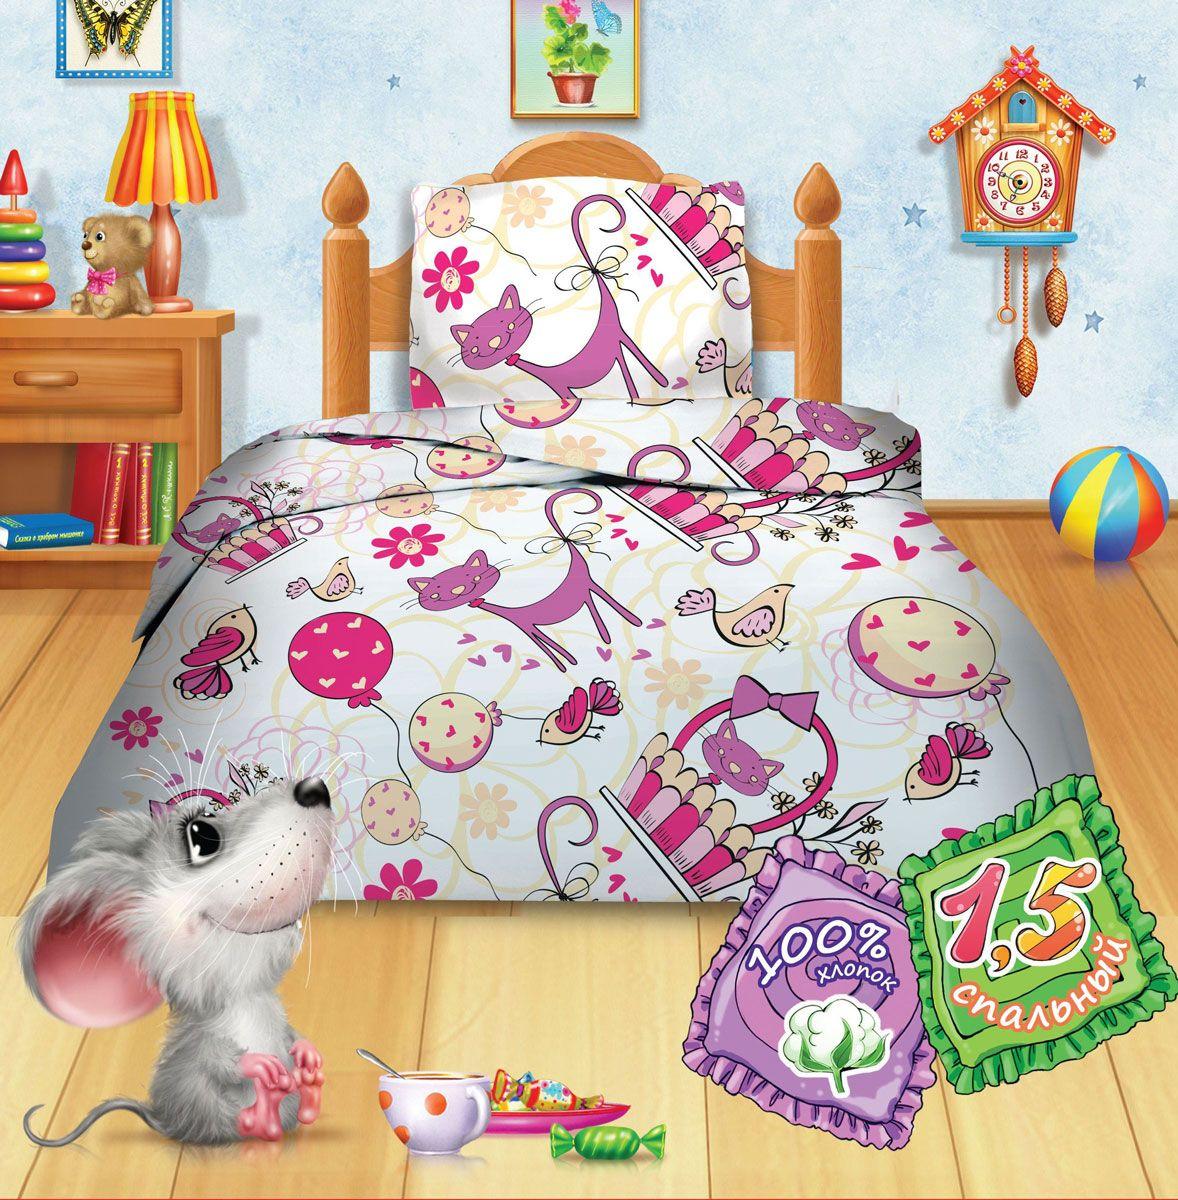 Комплект детского постельного белья Кошки-мышки Мурка, 1,5-спальный, наволочки 70х70422718